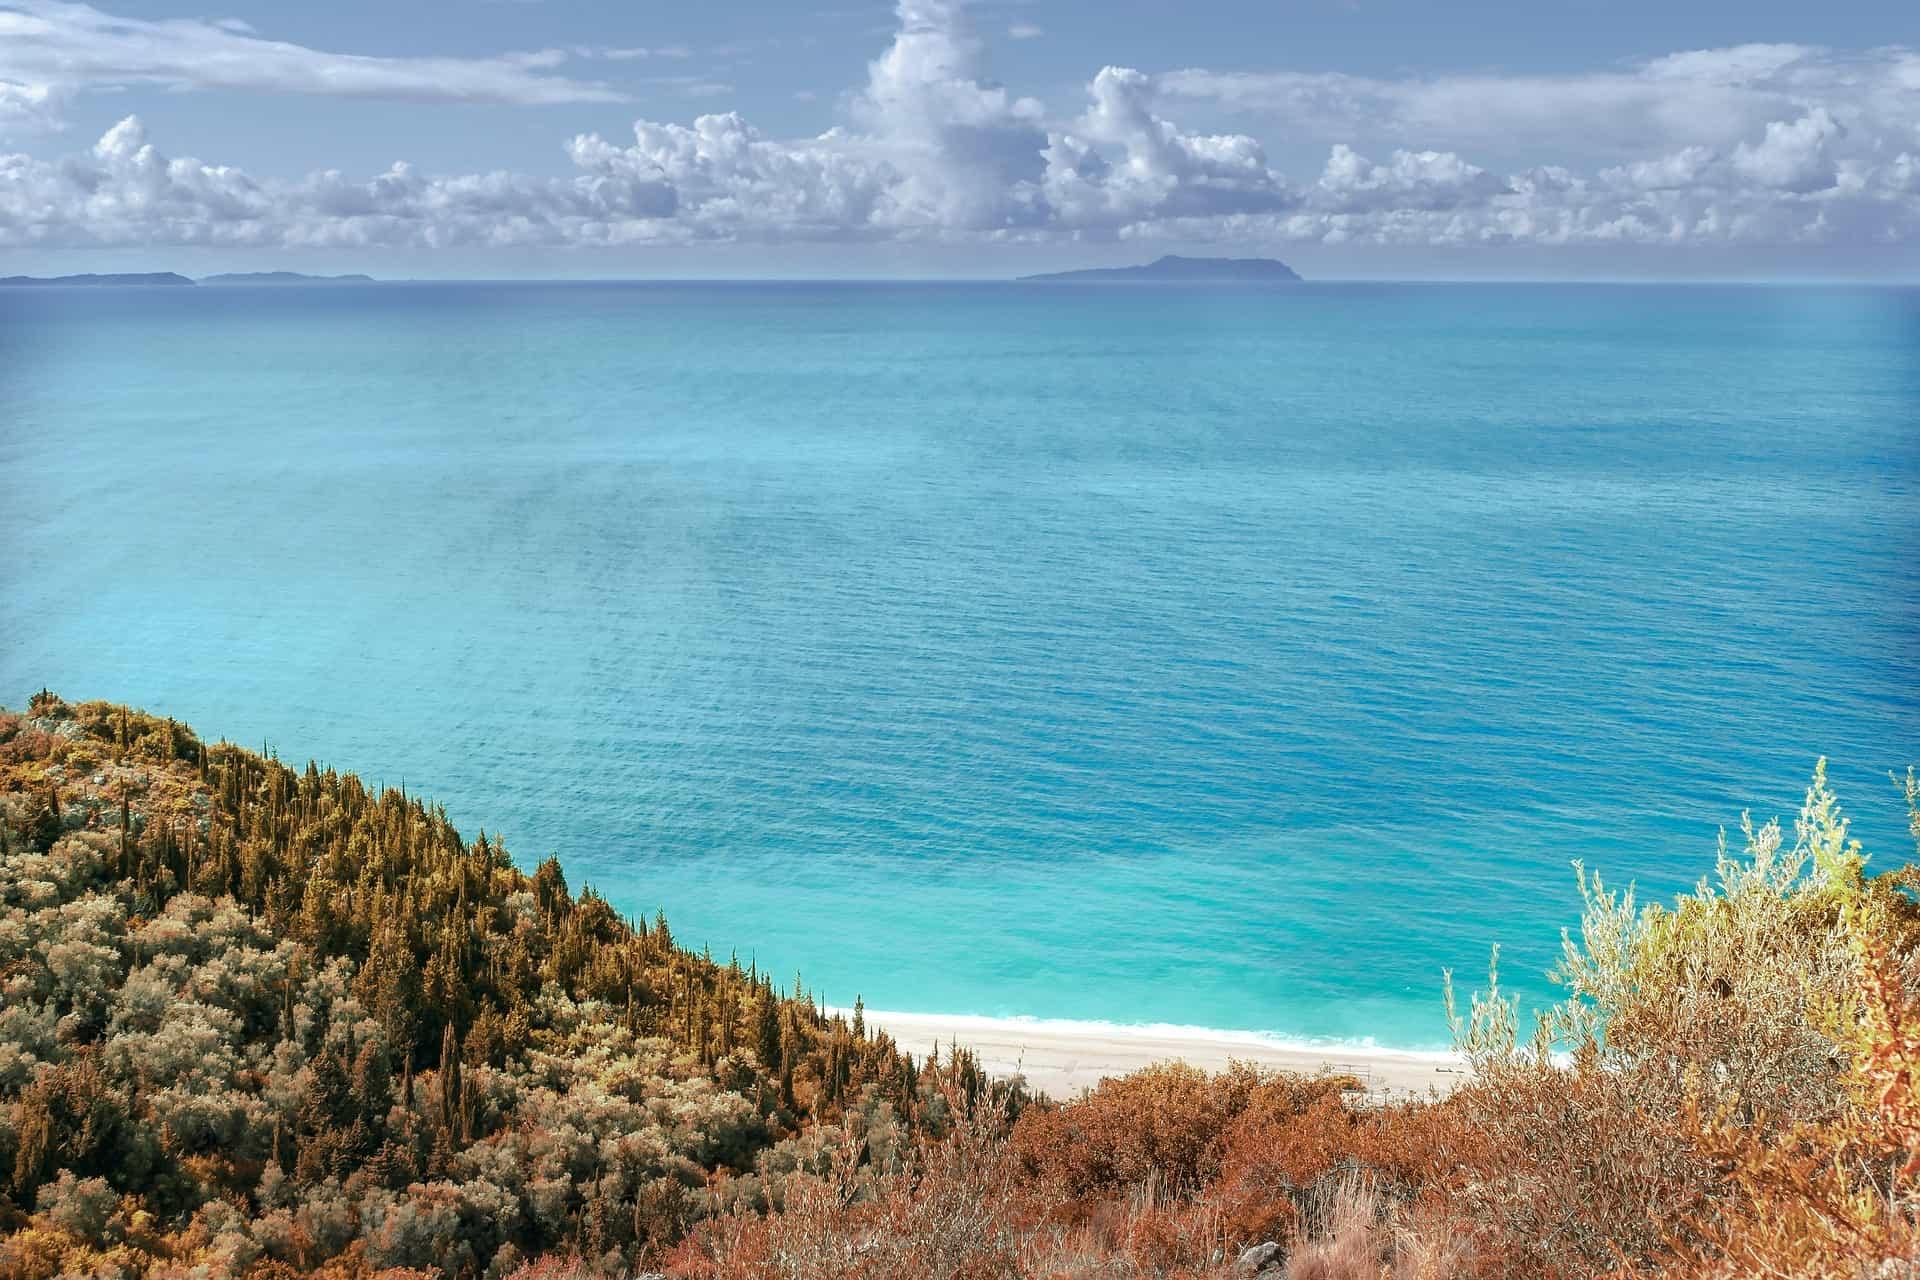 Albanien Urlaub - ab 247,21€ 4 Sterne Geheimtipp der Adria